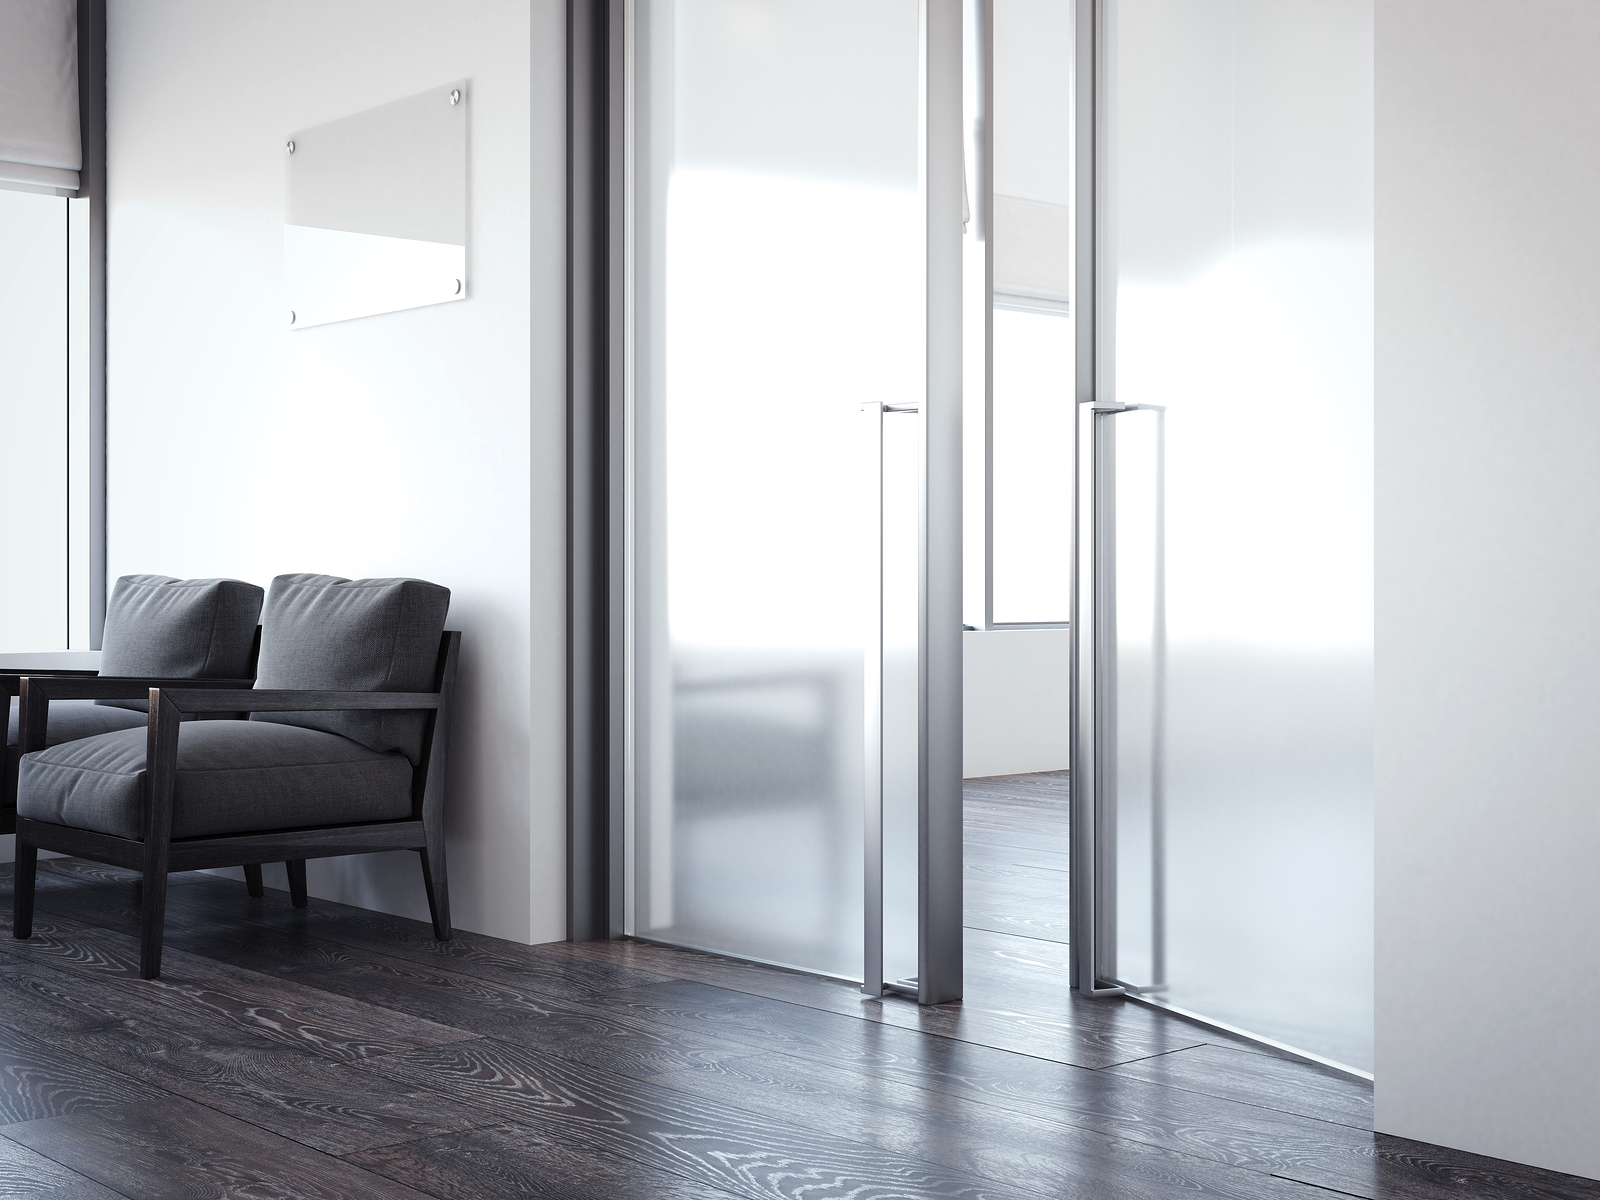 Interior doors - Glass doors - Barn Doors - Office doors ... |Frosted Glass Office Doors